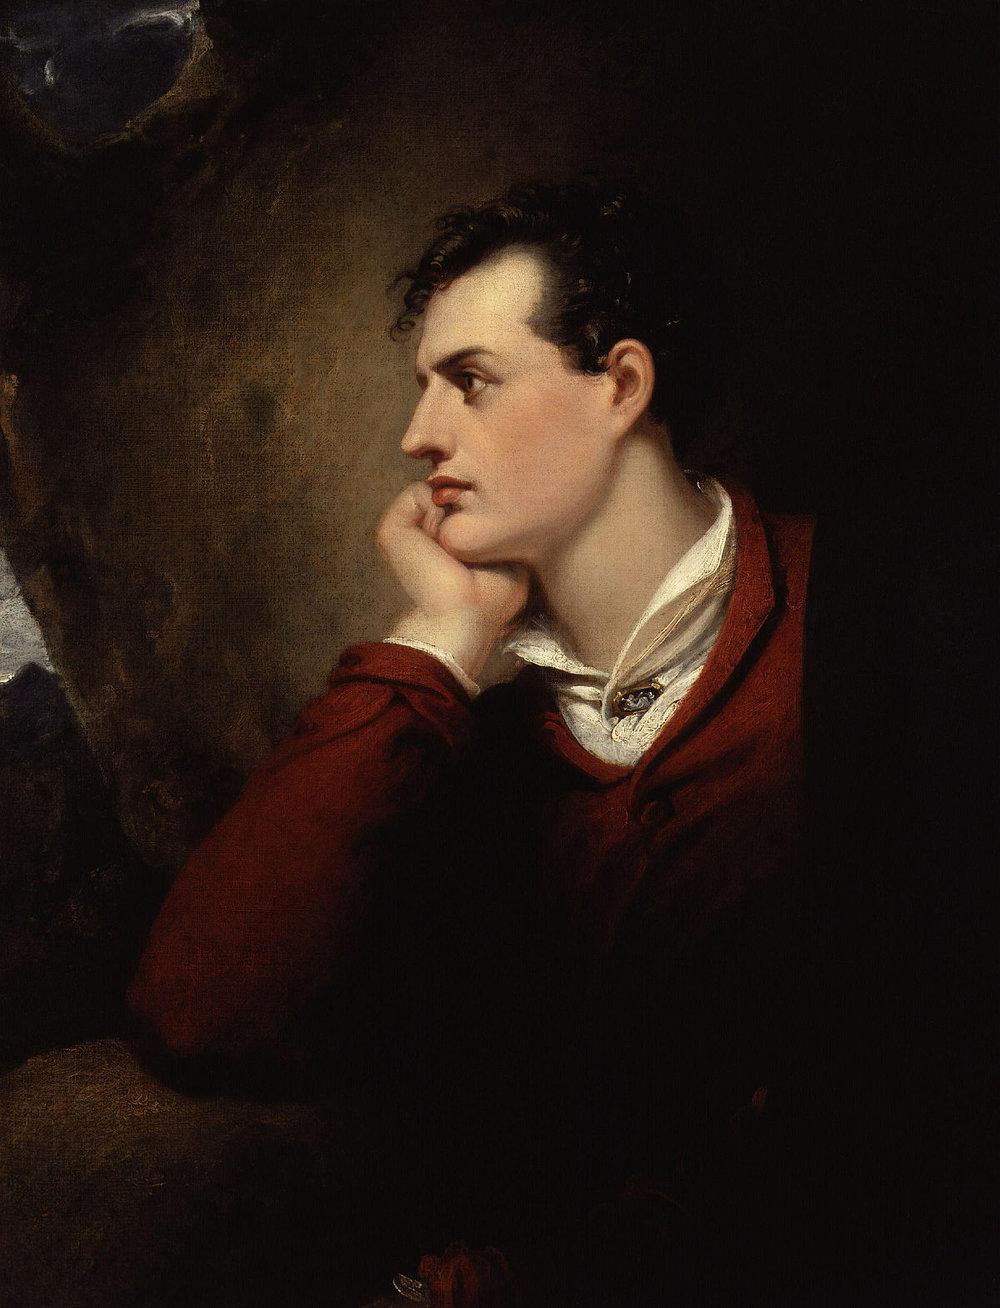 Английский поэт-романтик, покоривший воображение всей Европы своим «мрачным эгоизмом». Но не был Байрон эгоистом.